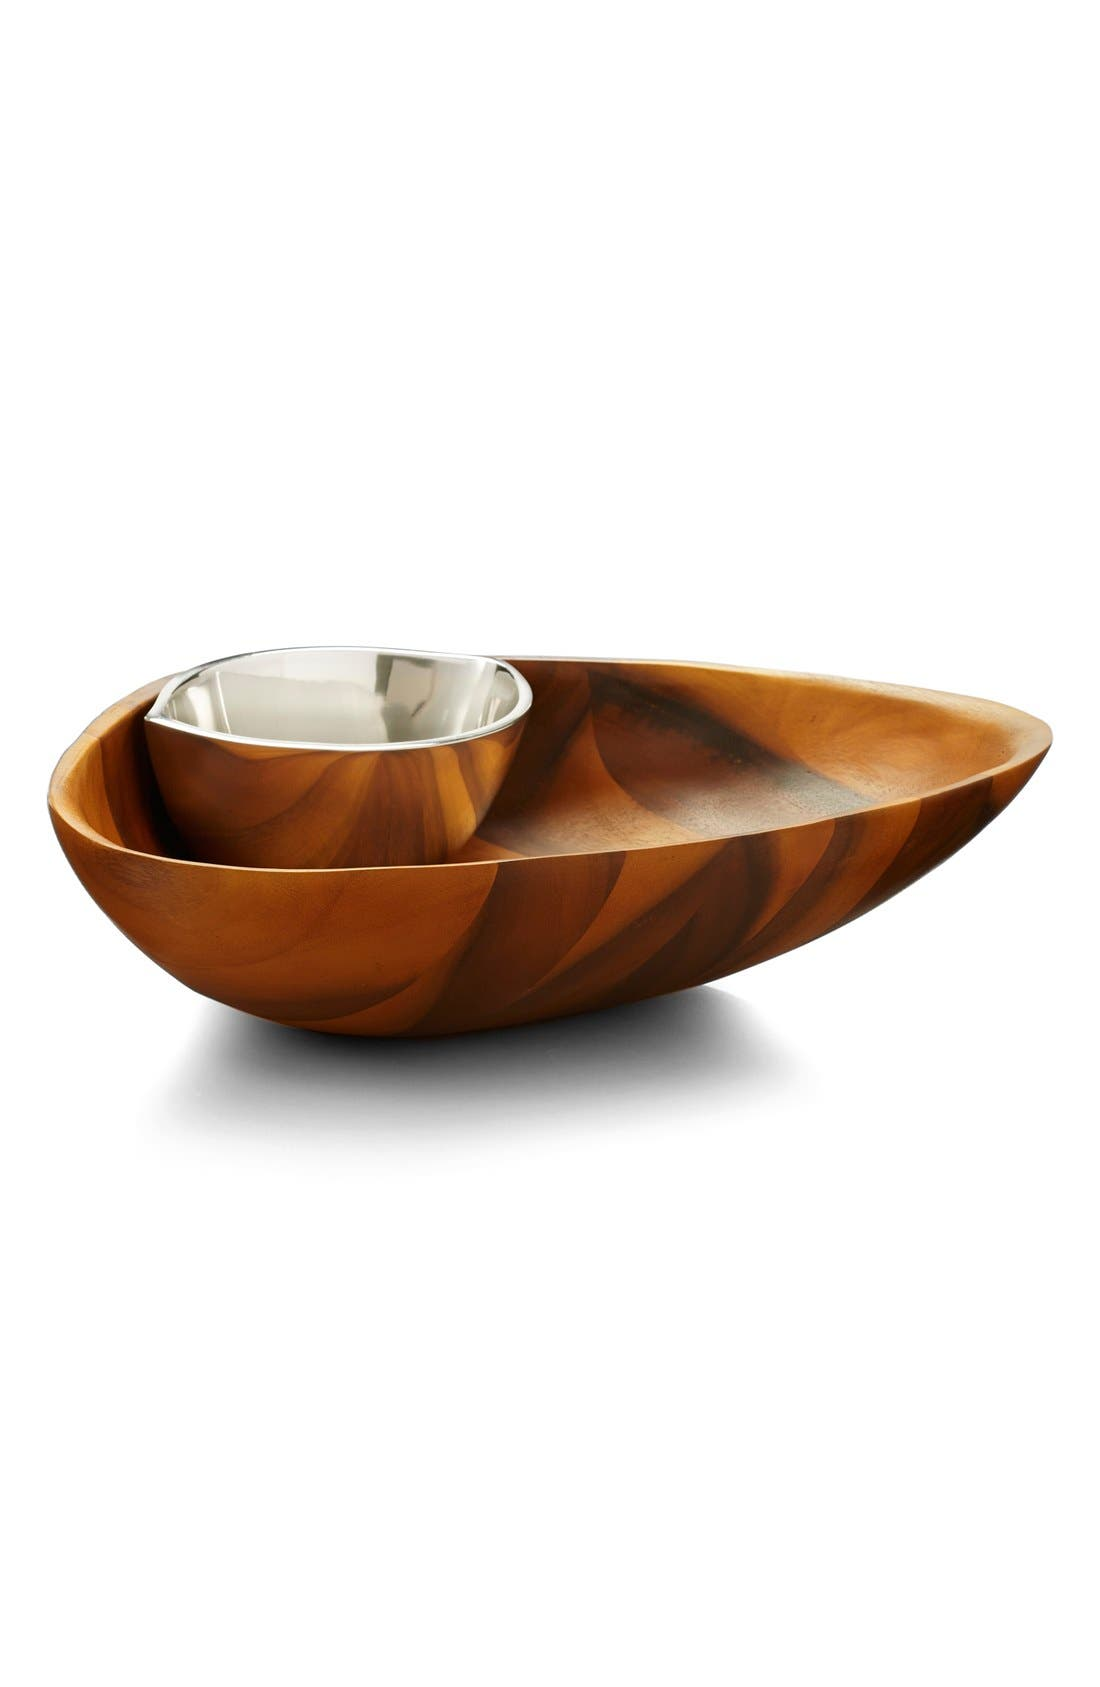 namb clam chip u0026 dip bowls